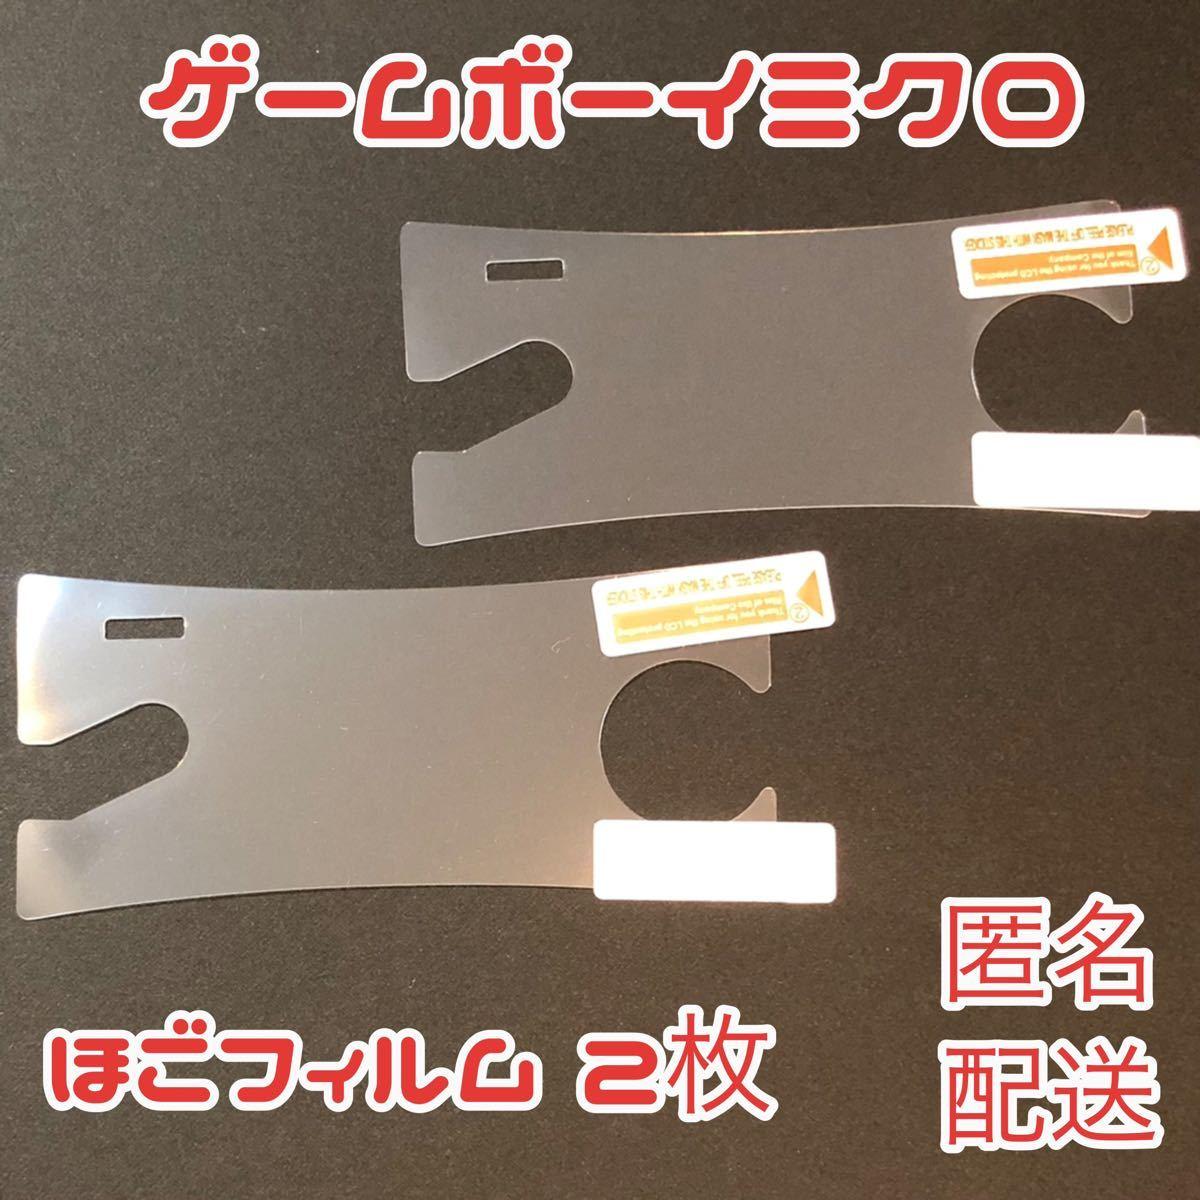 ゲームボーイミクロ 専用 液晶保護フィルム 2枚